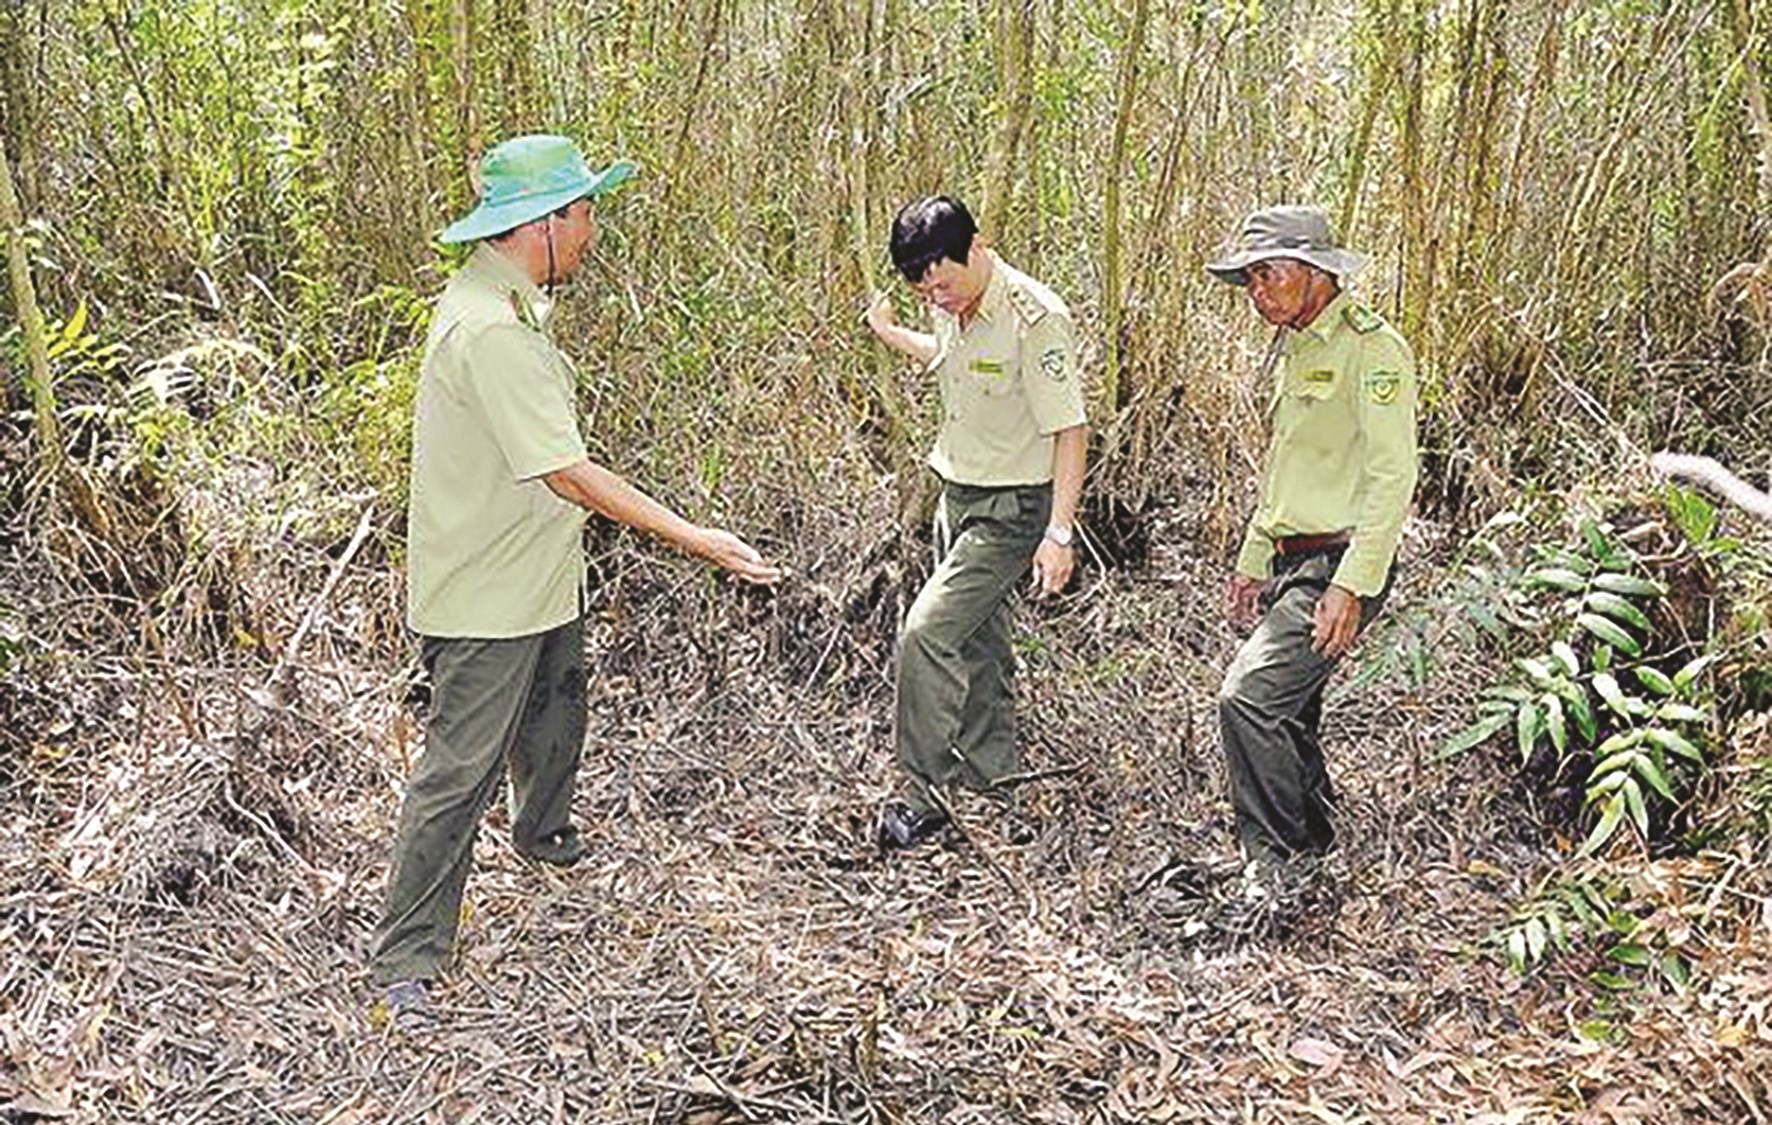 Kiểm lâm Kiên Giang tuần tra phòng chống cháy rừng. (Ảnh tư liệu)